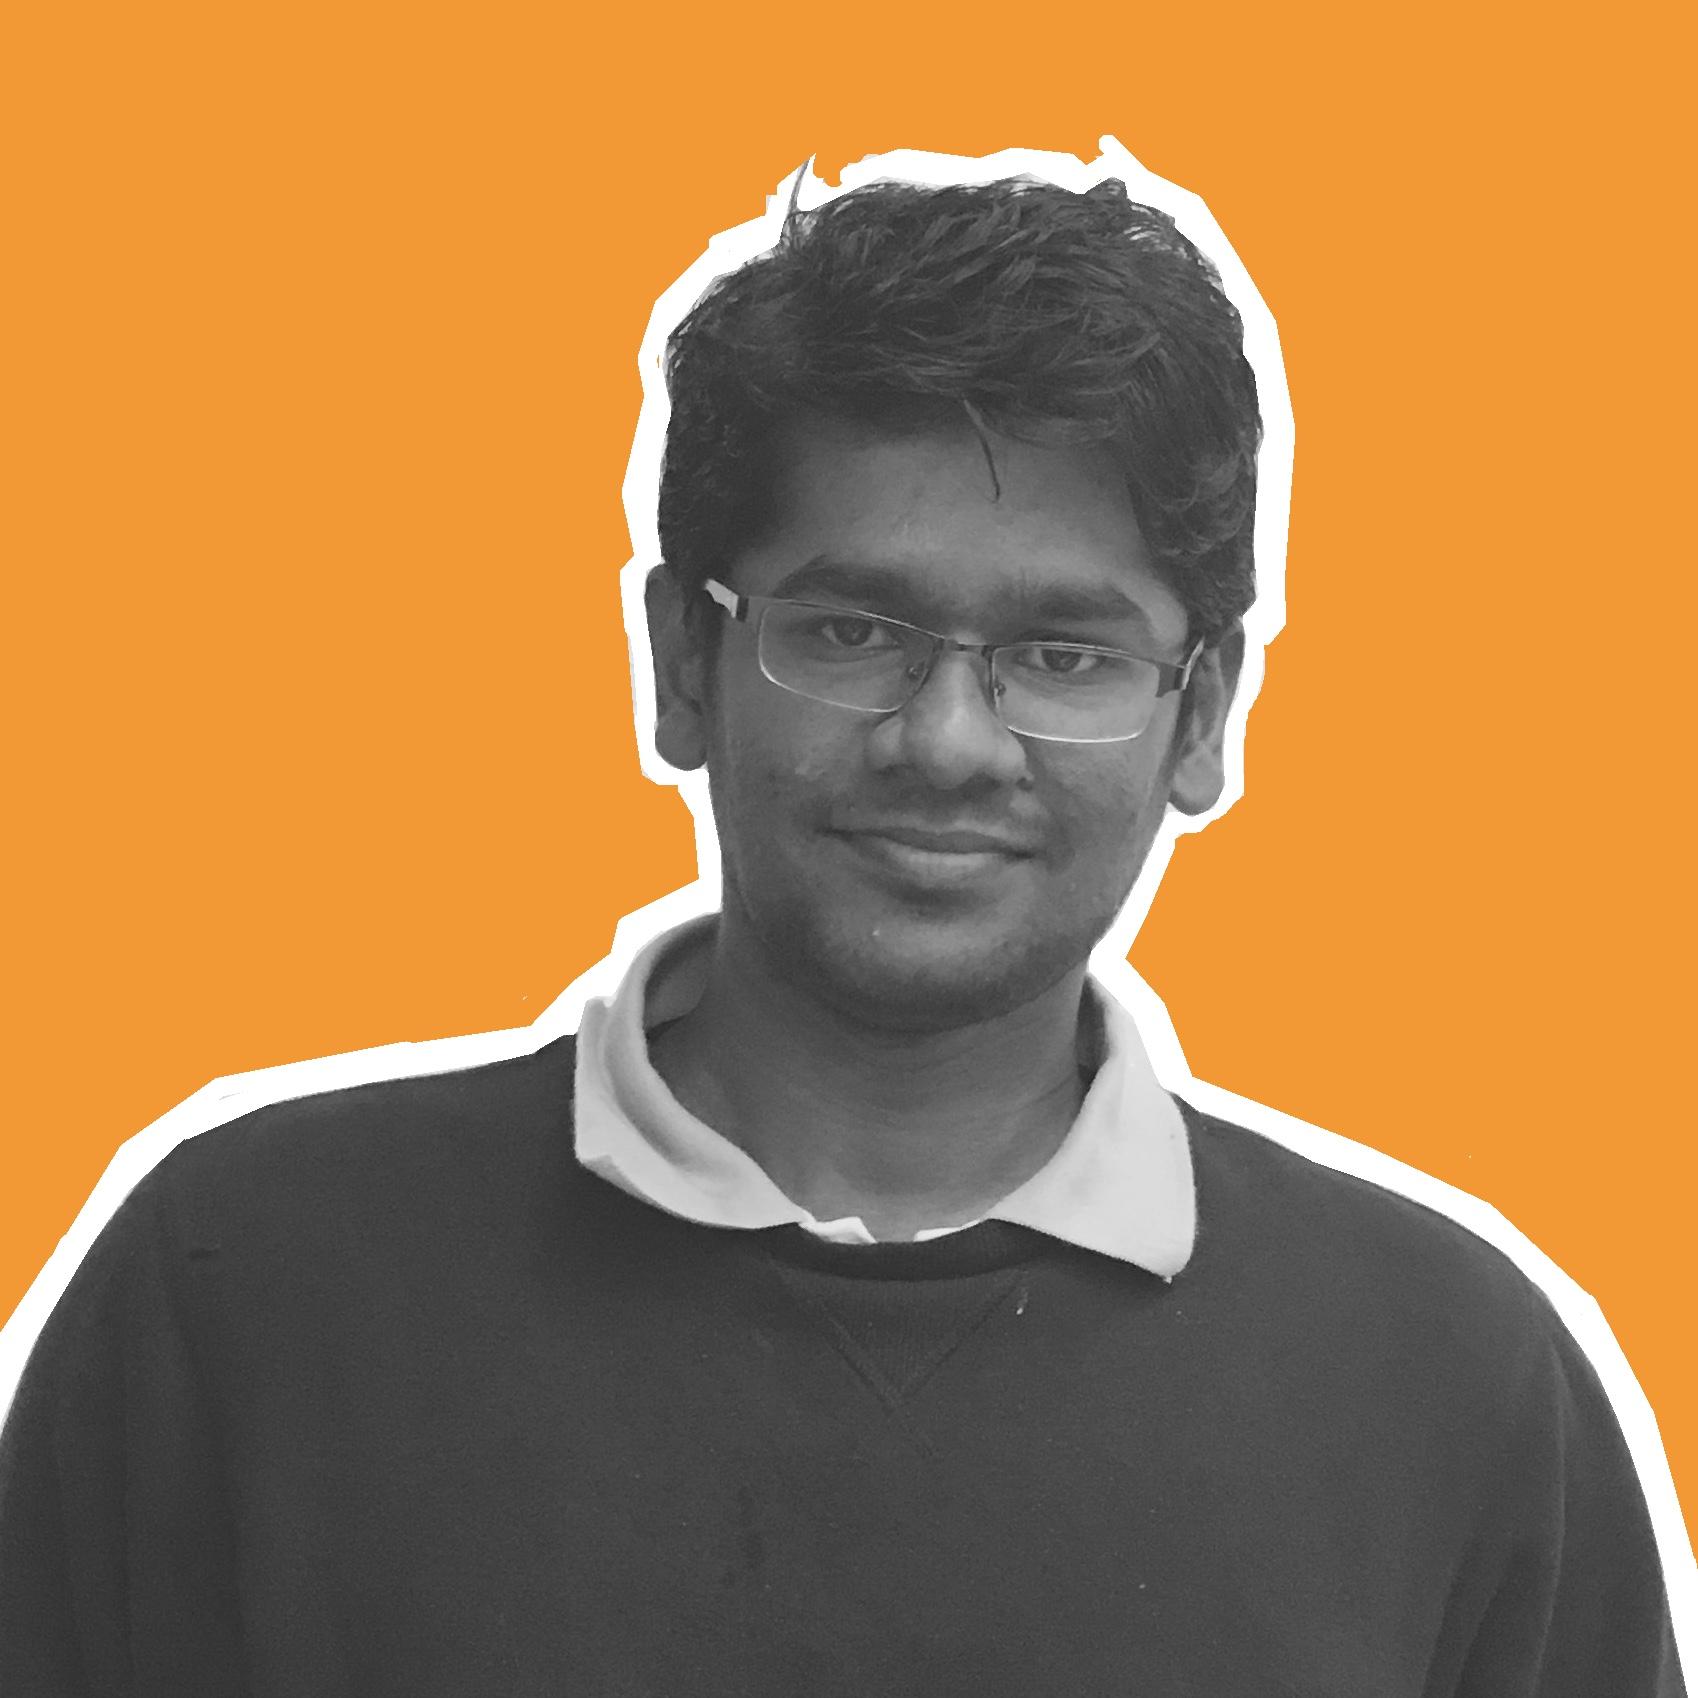 Abhilash Gandla   Electrical Engineer  MS University at Buffalo